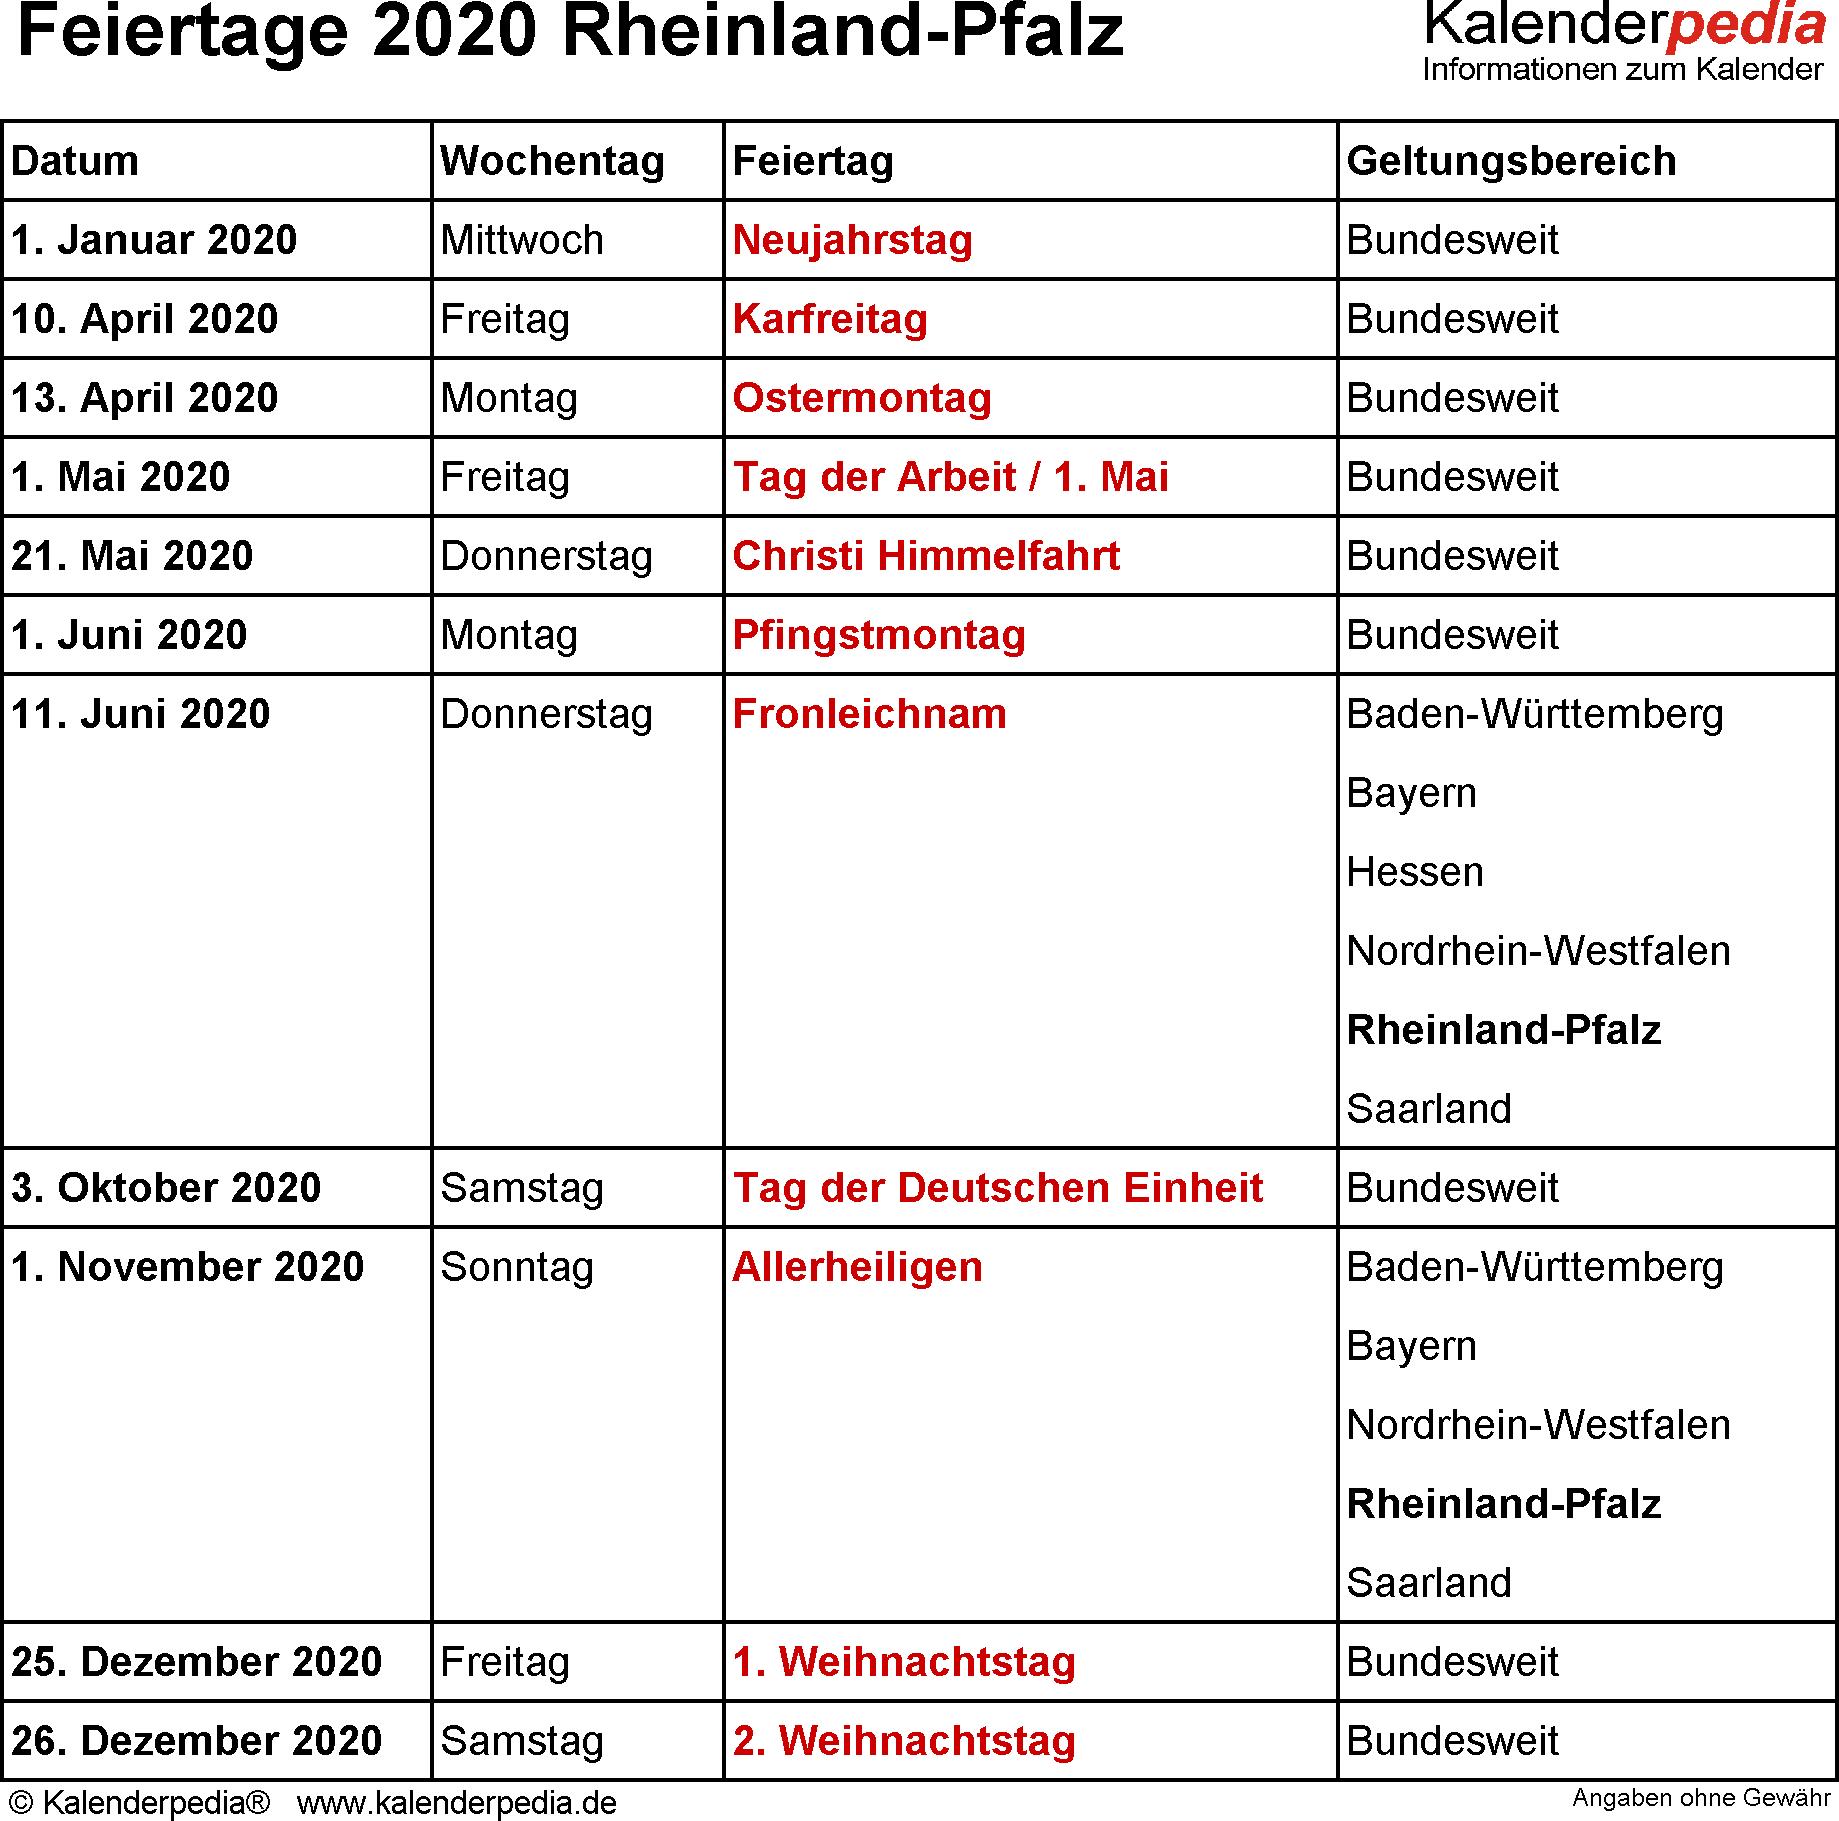 Feiertage 2020 Rlp